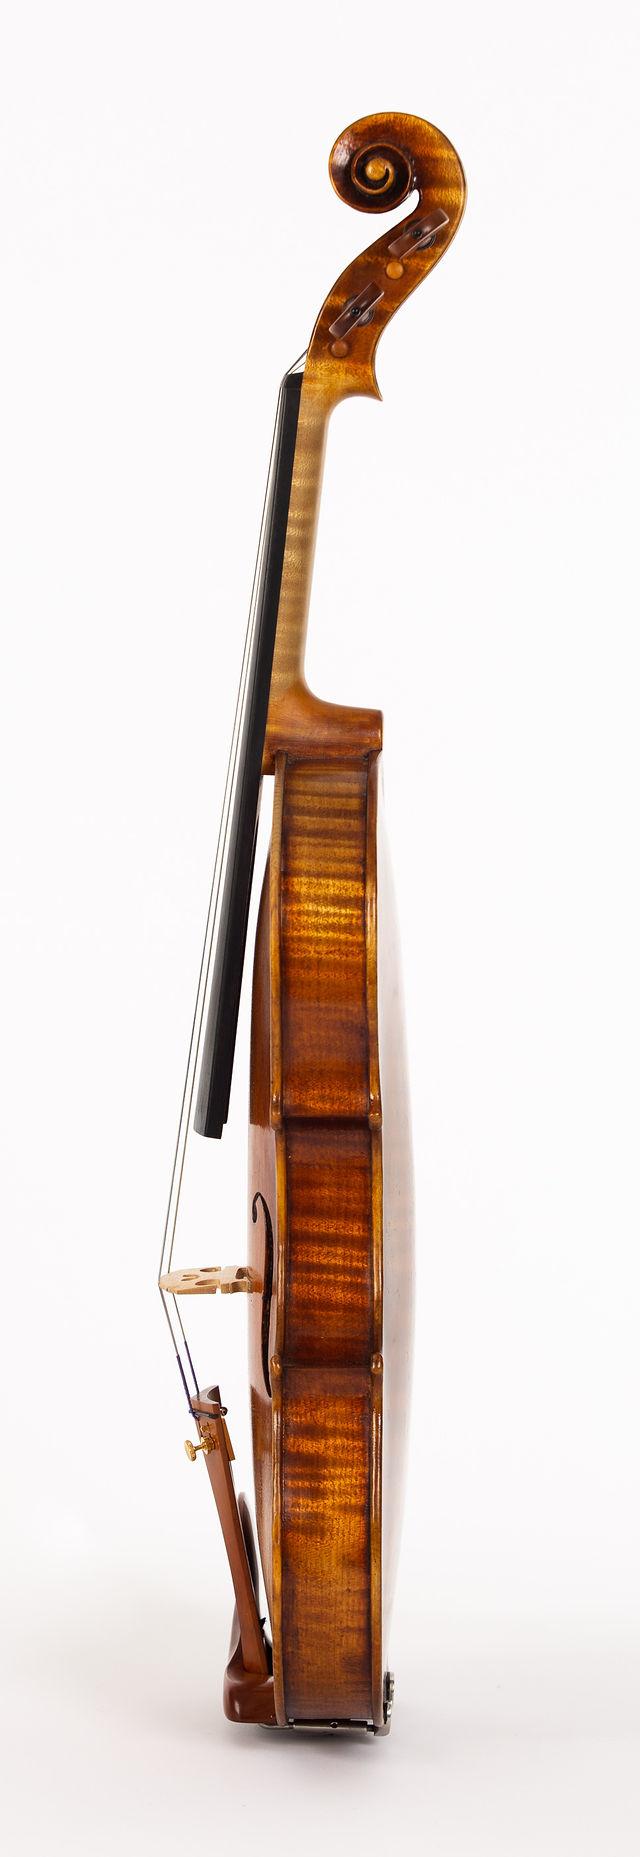 Starkie Strad model violin 2018 side.jpg